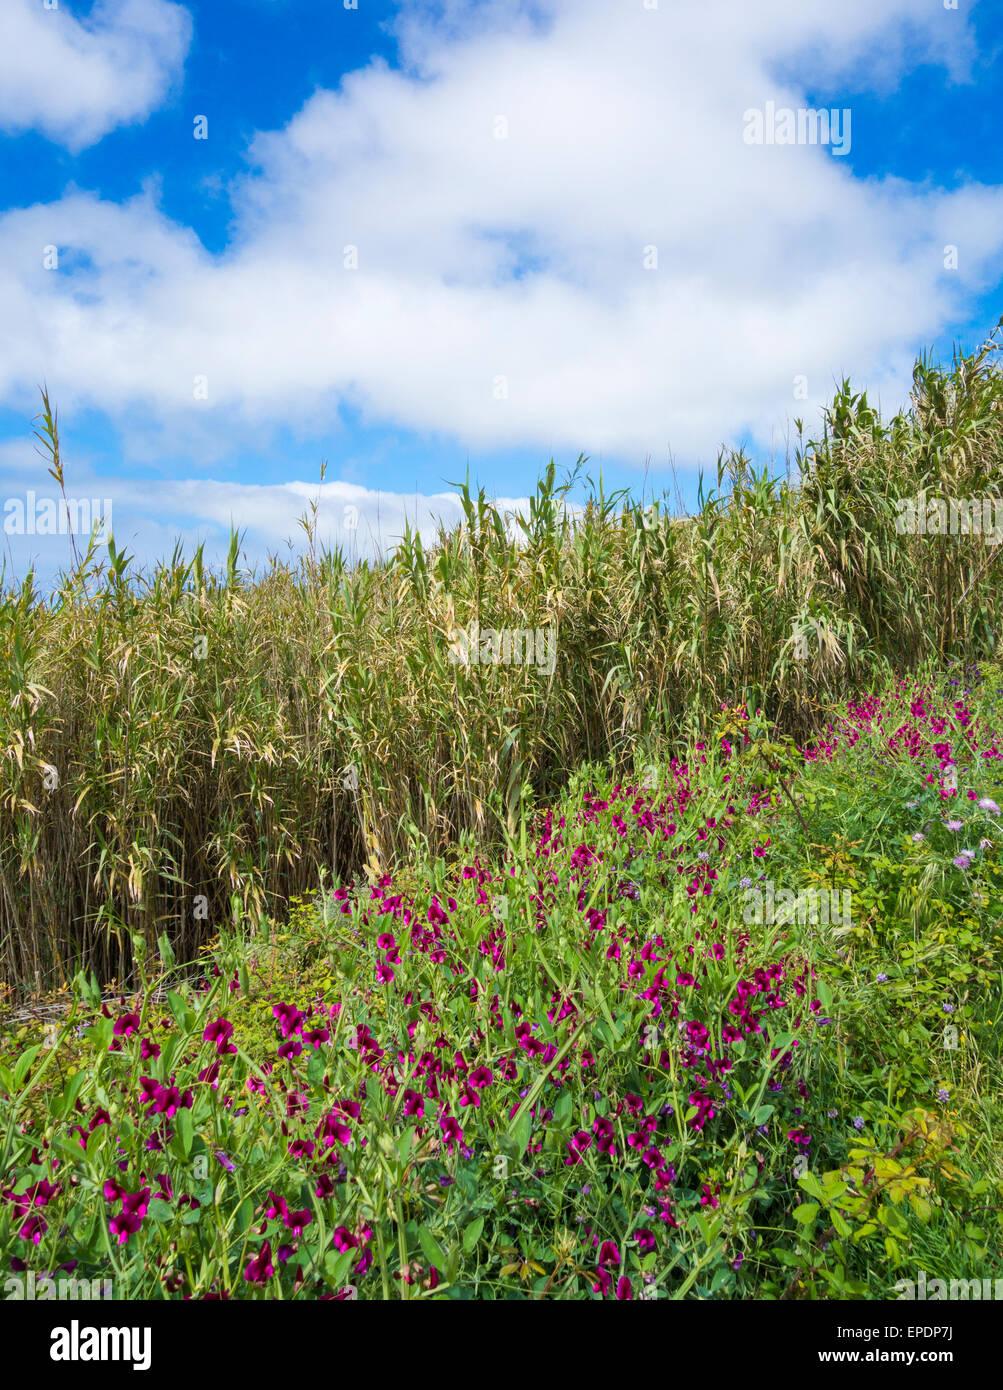 Wilde Wicken (Lathyrus Tingitanus) wächst am Straßenrand auf Teneriffa, Kanarische Inseln, Spanien Stockbild